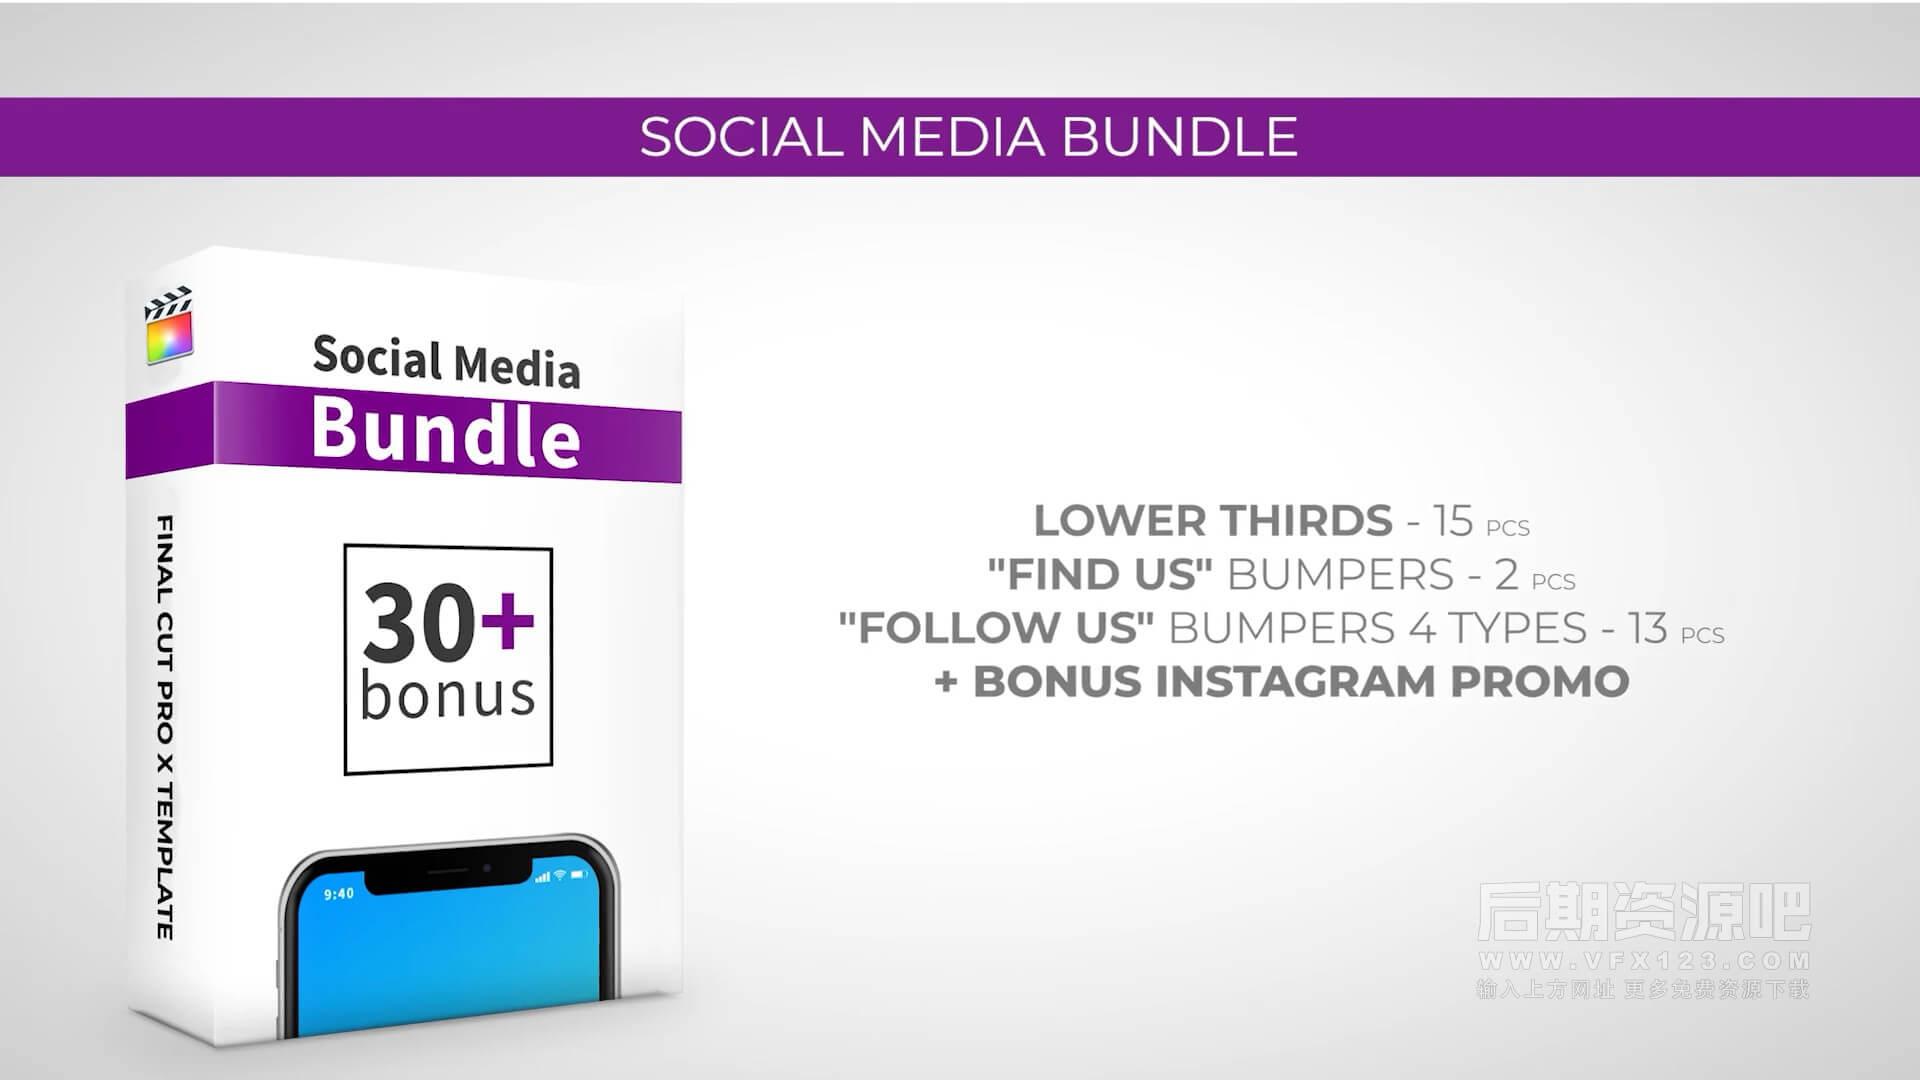 fcpx插件 社交媒体账号推广点赞关注评论模板 Social Media Bundle